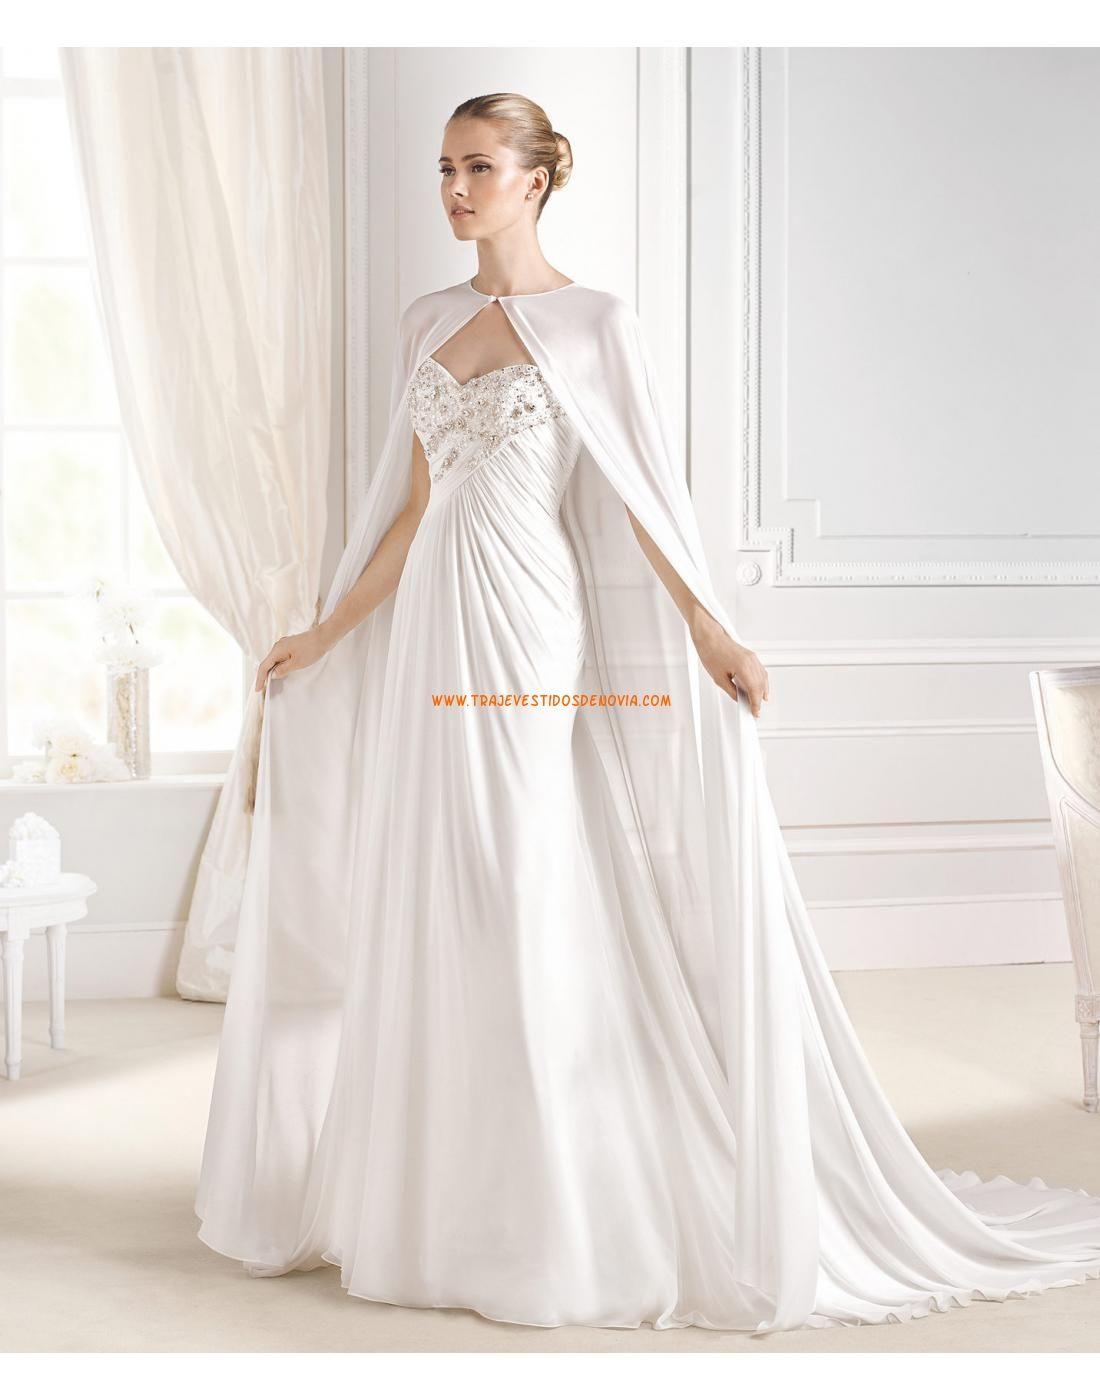 4929a1c71 vestidos de novia en raso de invierno para gorditas - Buscar con Google